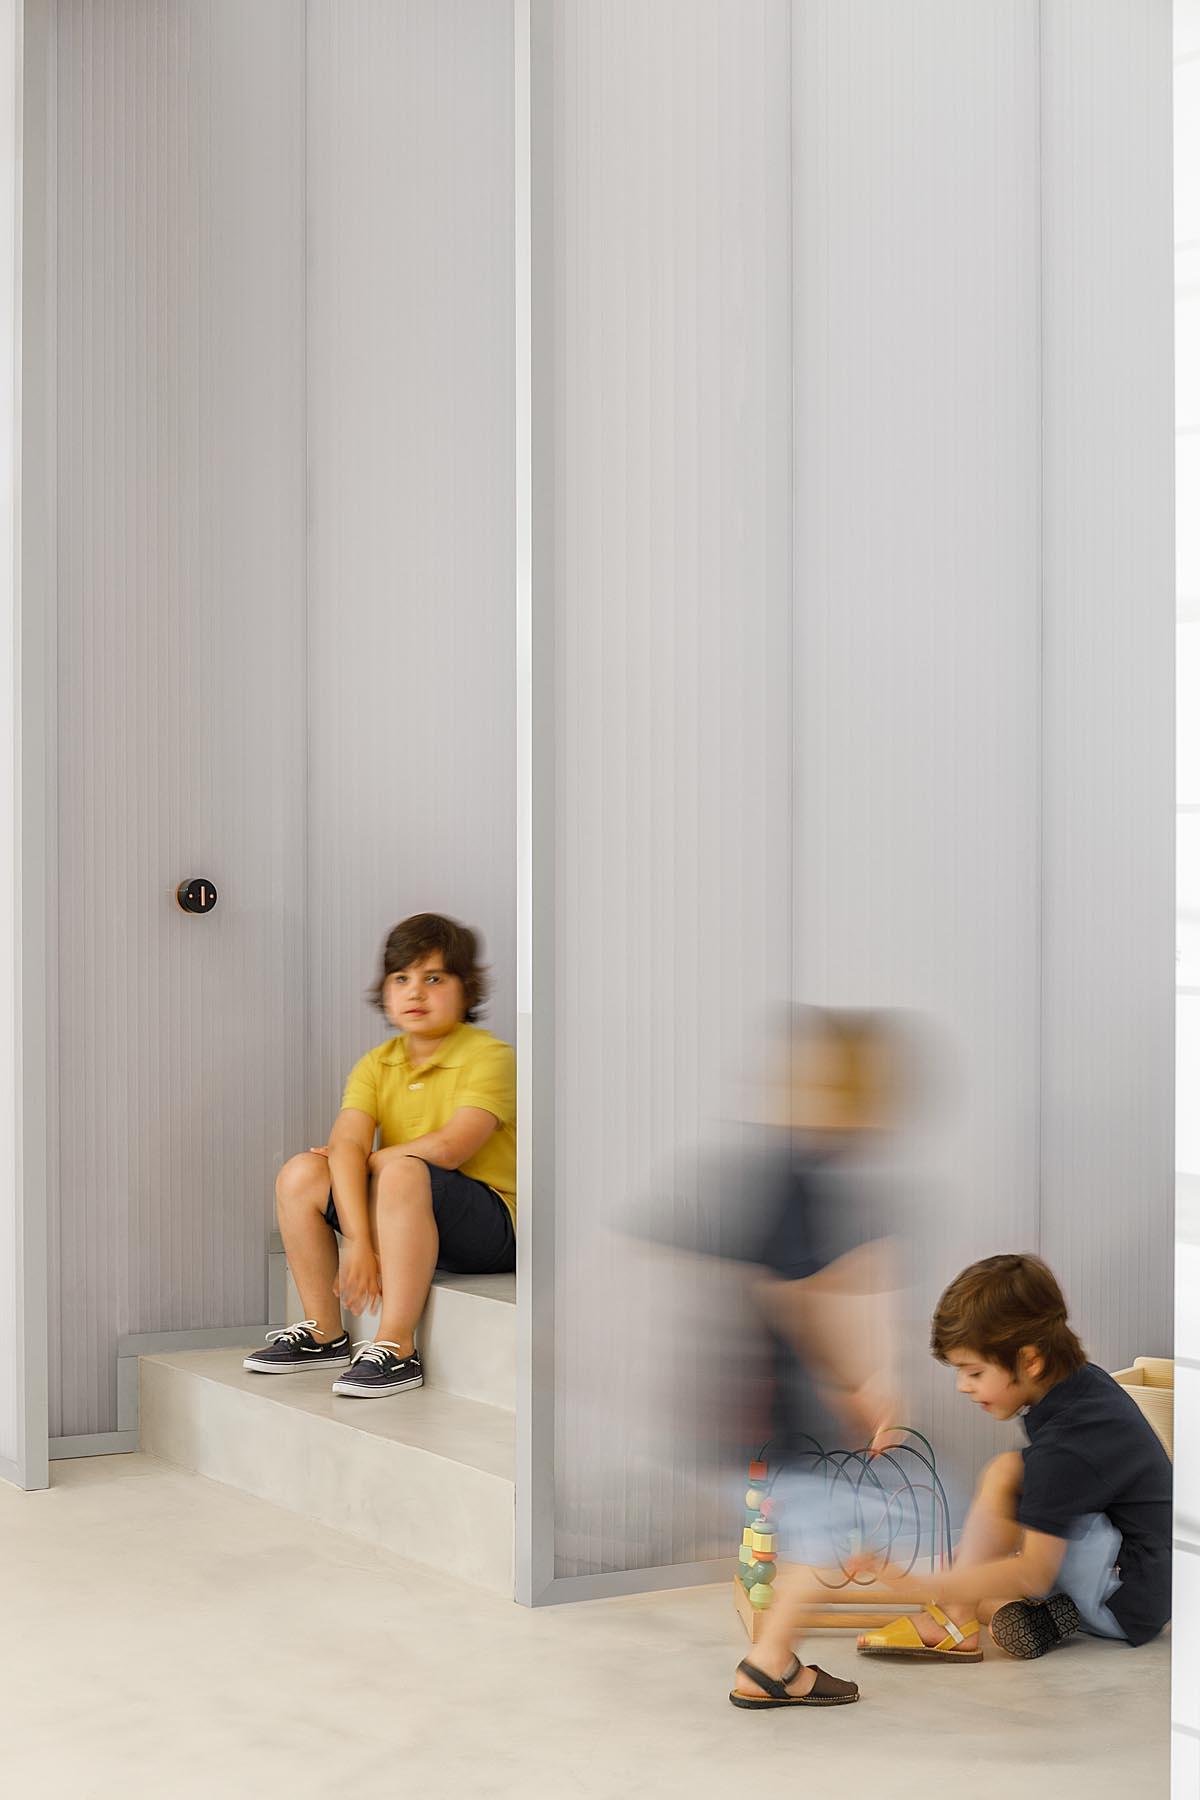 Loja de Roupa infantil Morinha em Vila Meã, arquitetura Stu.der